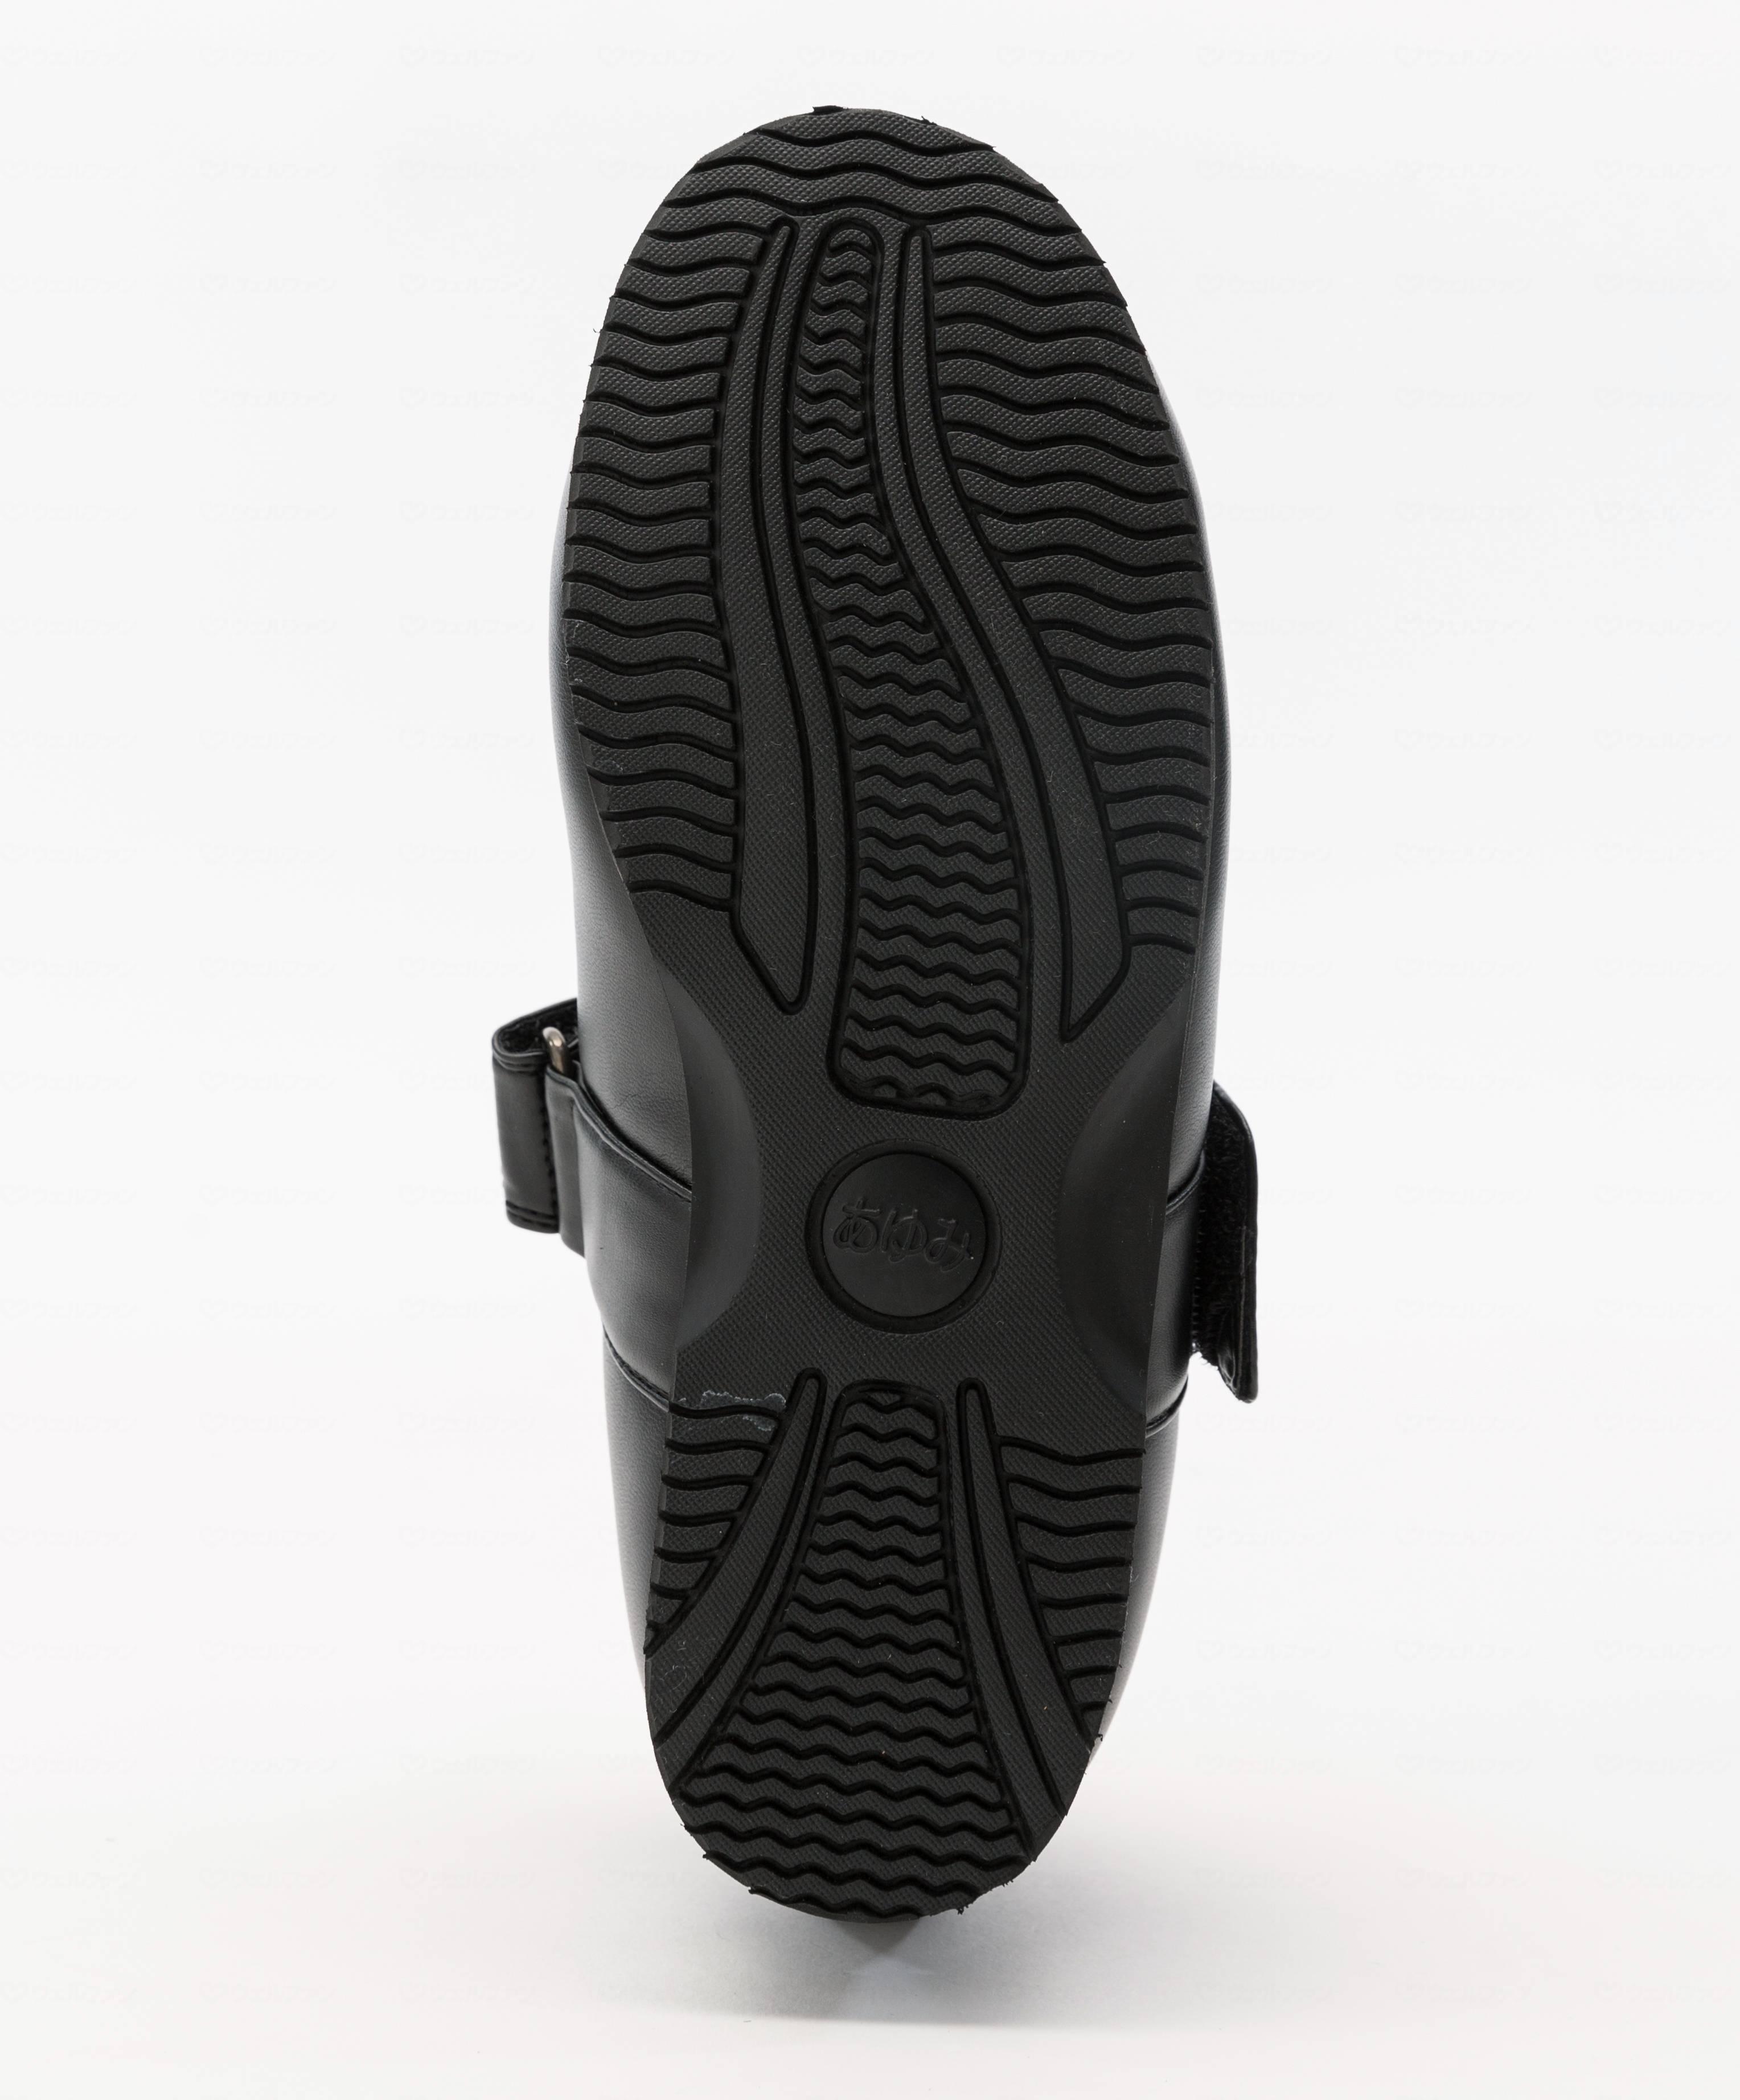 ダブルマジックIII 合皮 5E 両足販売の画像